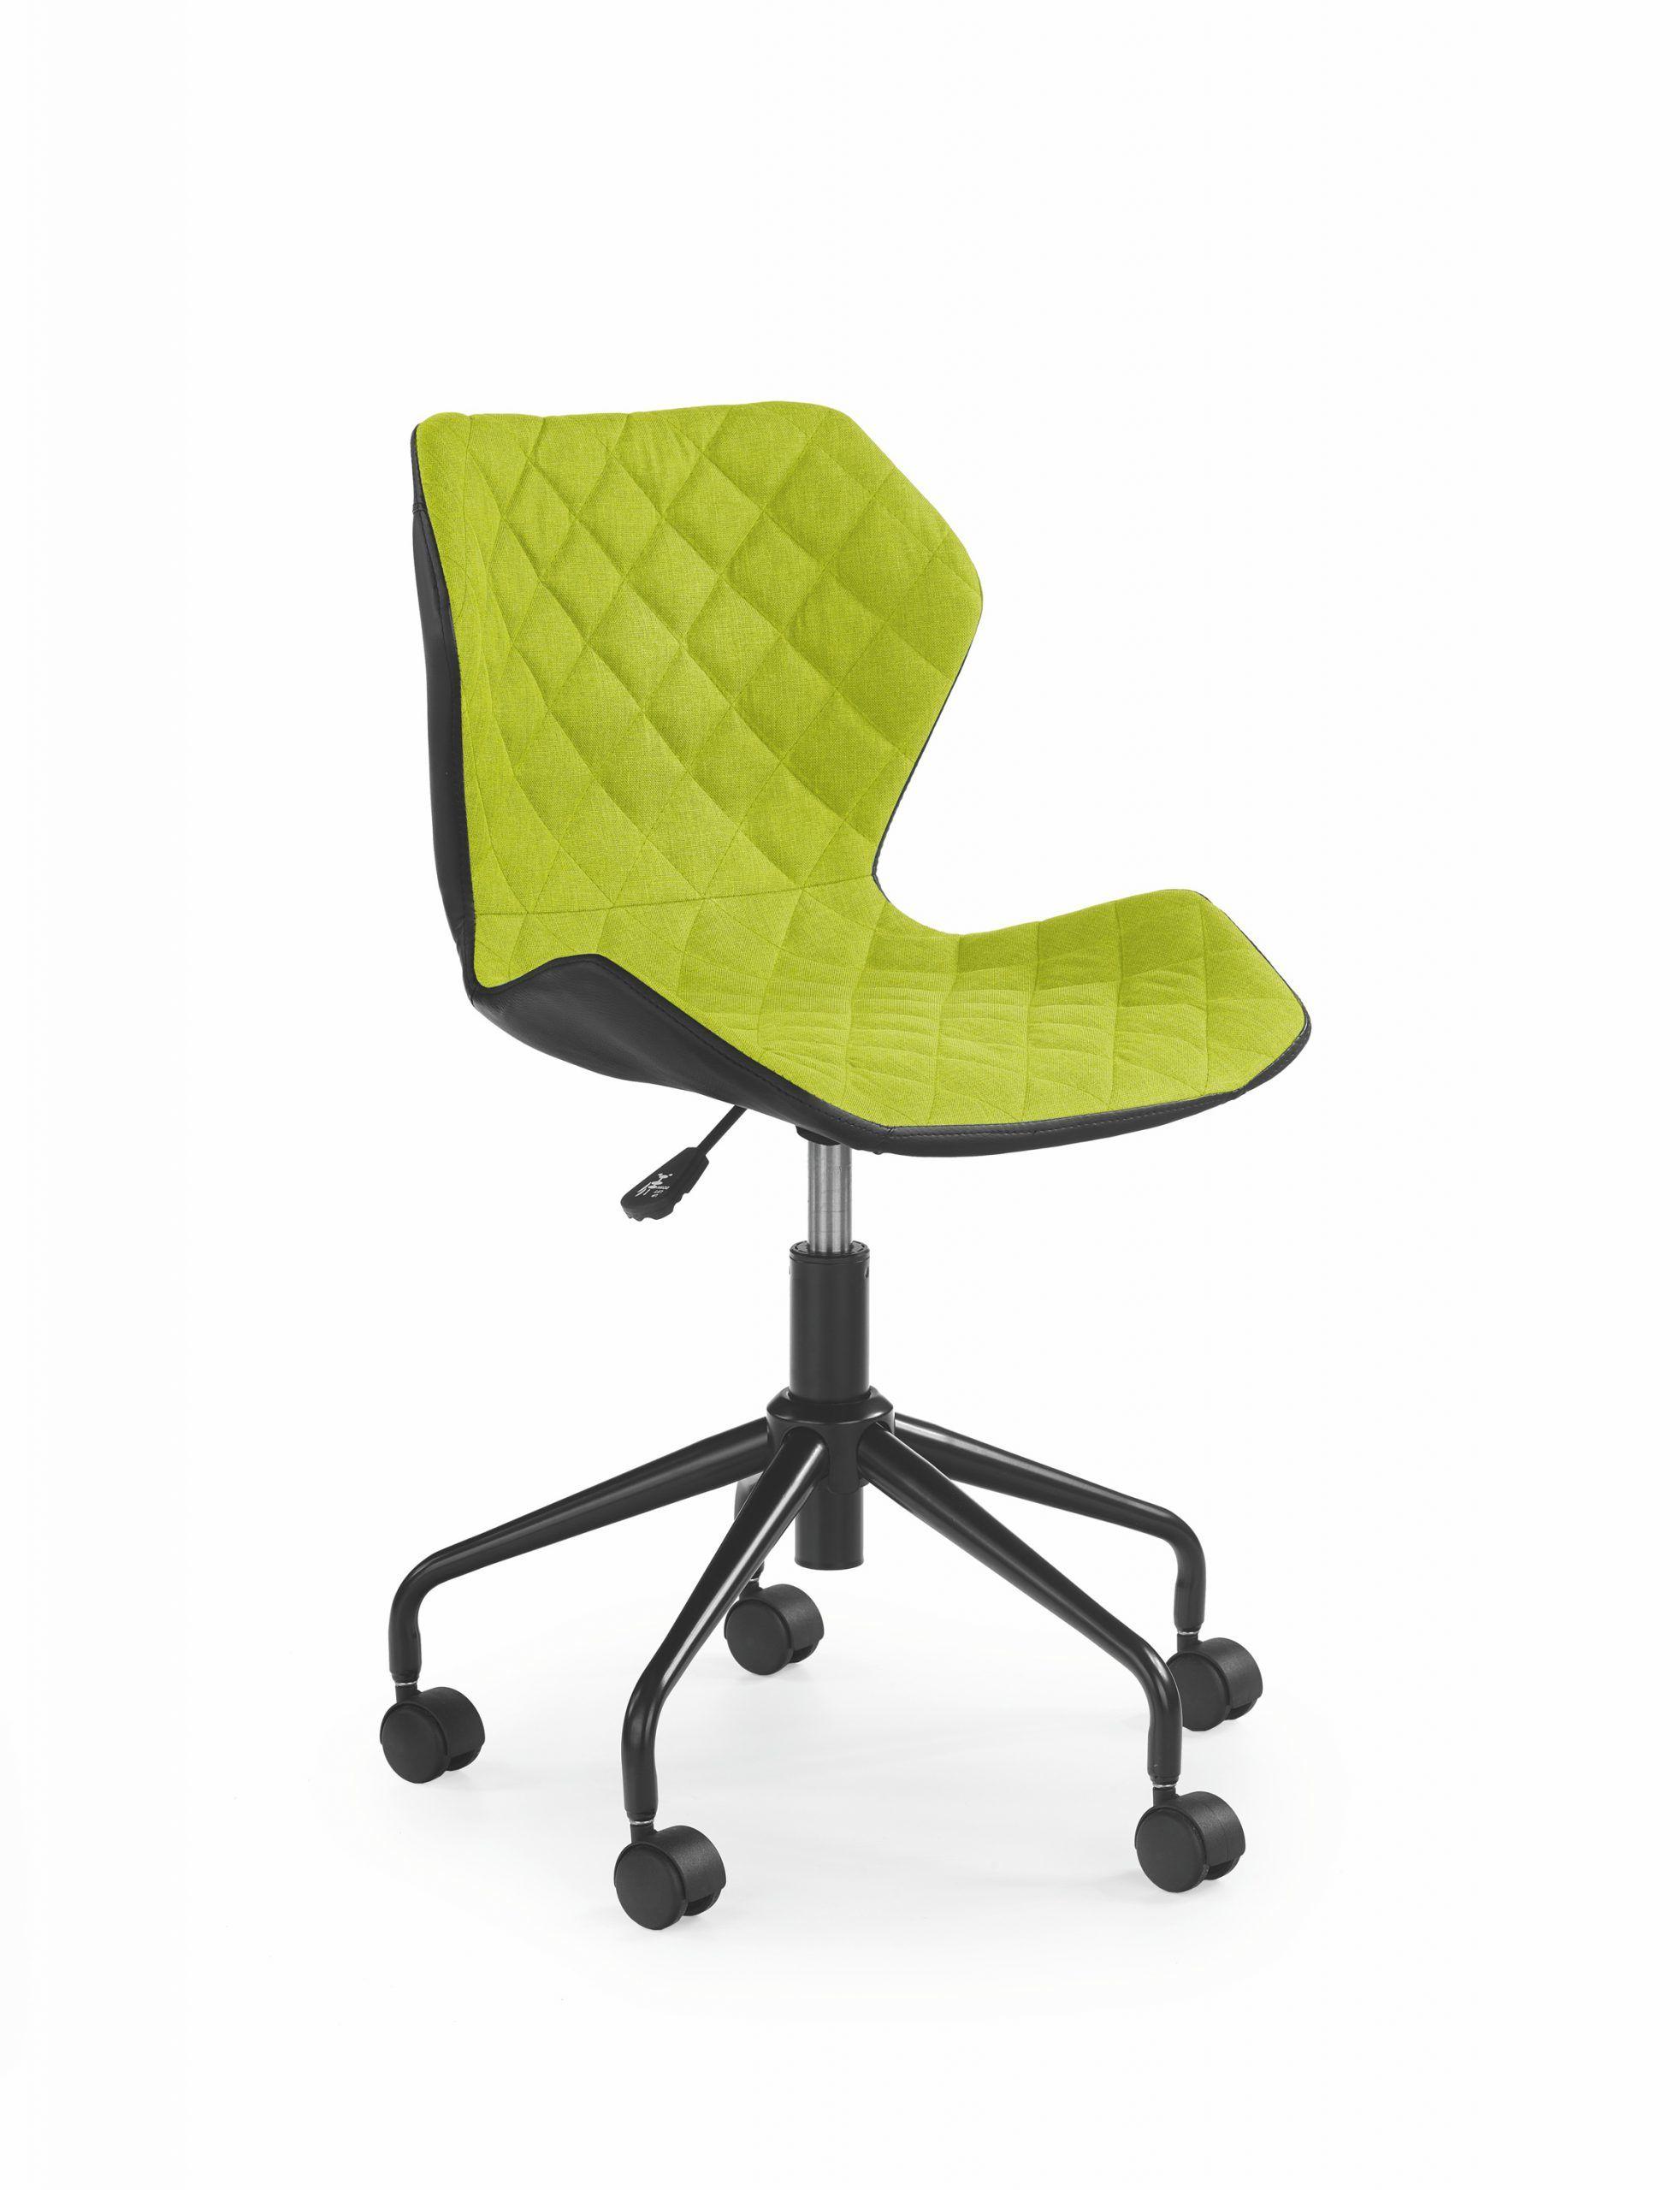 MATRIX - fotel młodzieżowy - różne kolory 19